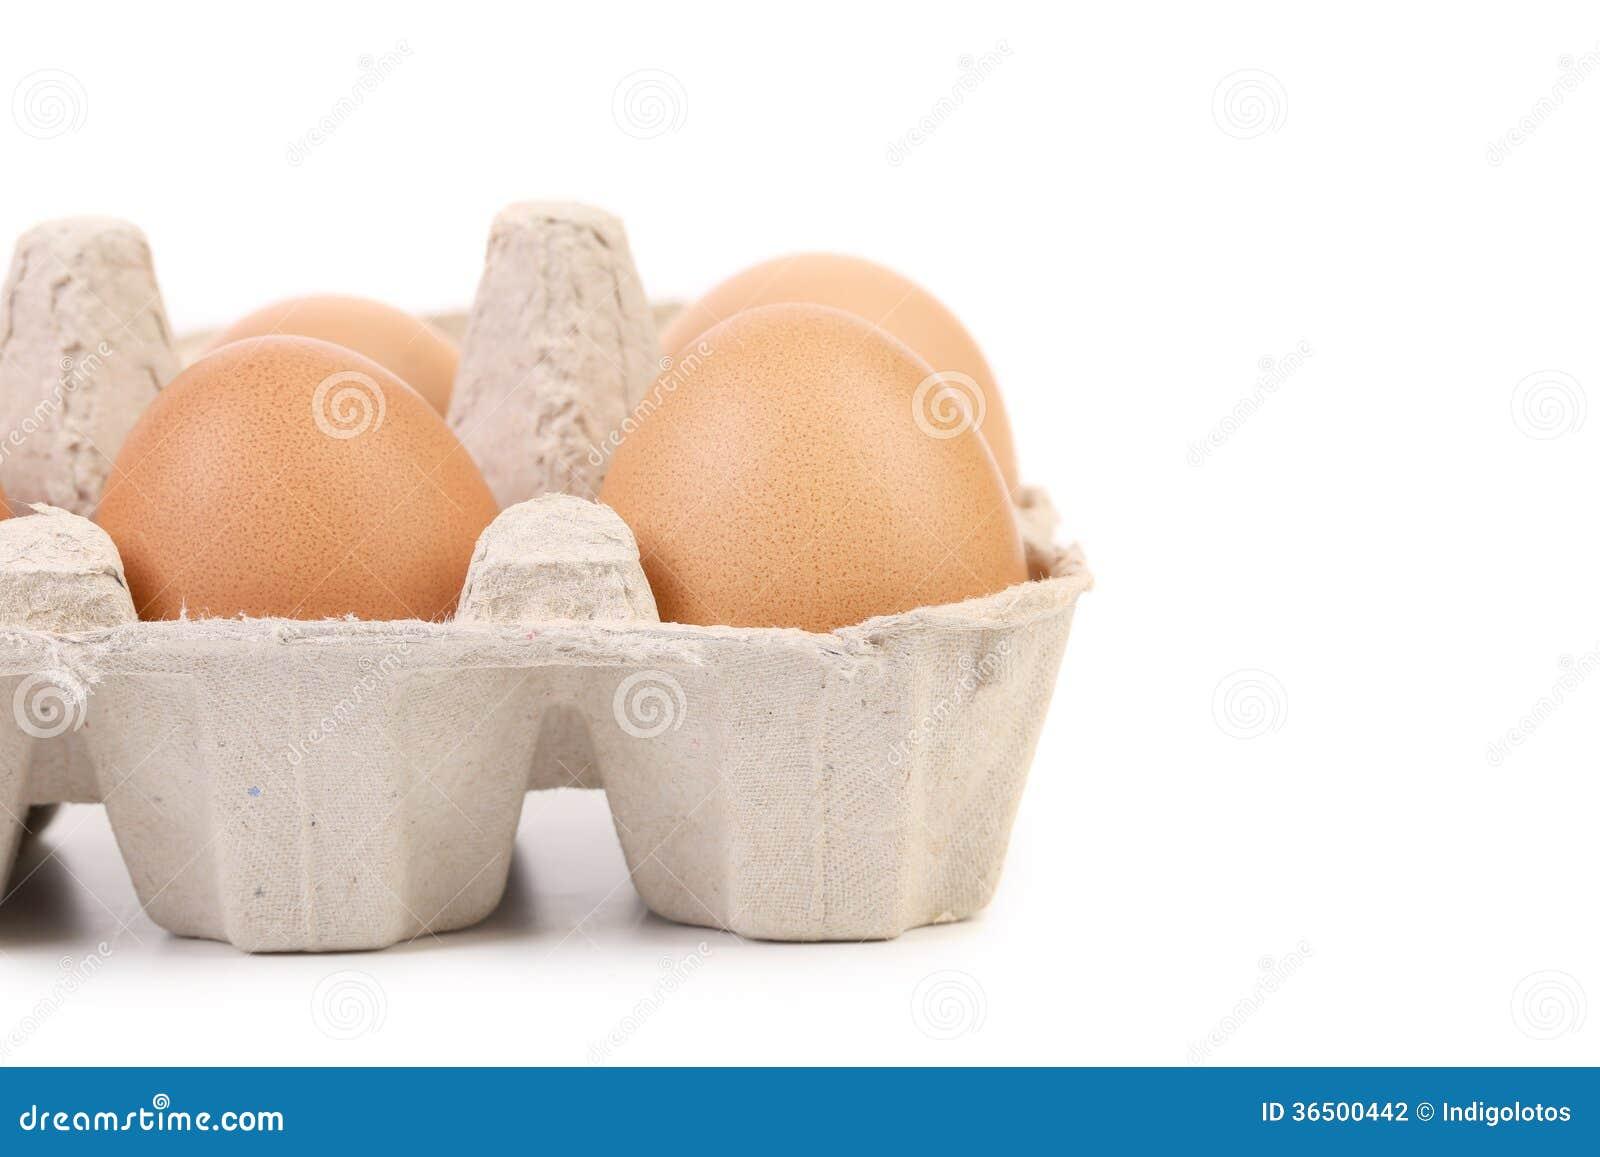 Brown jajka w jajecznym pudełku.